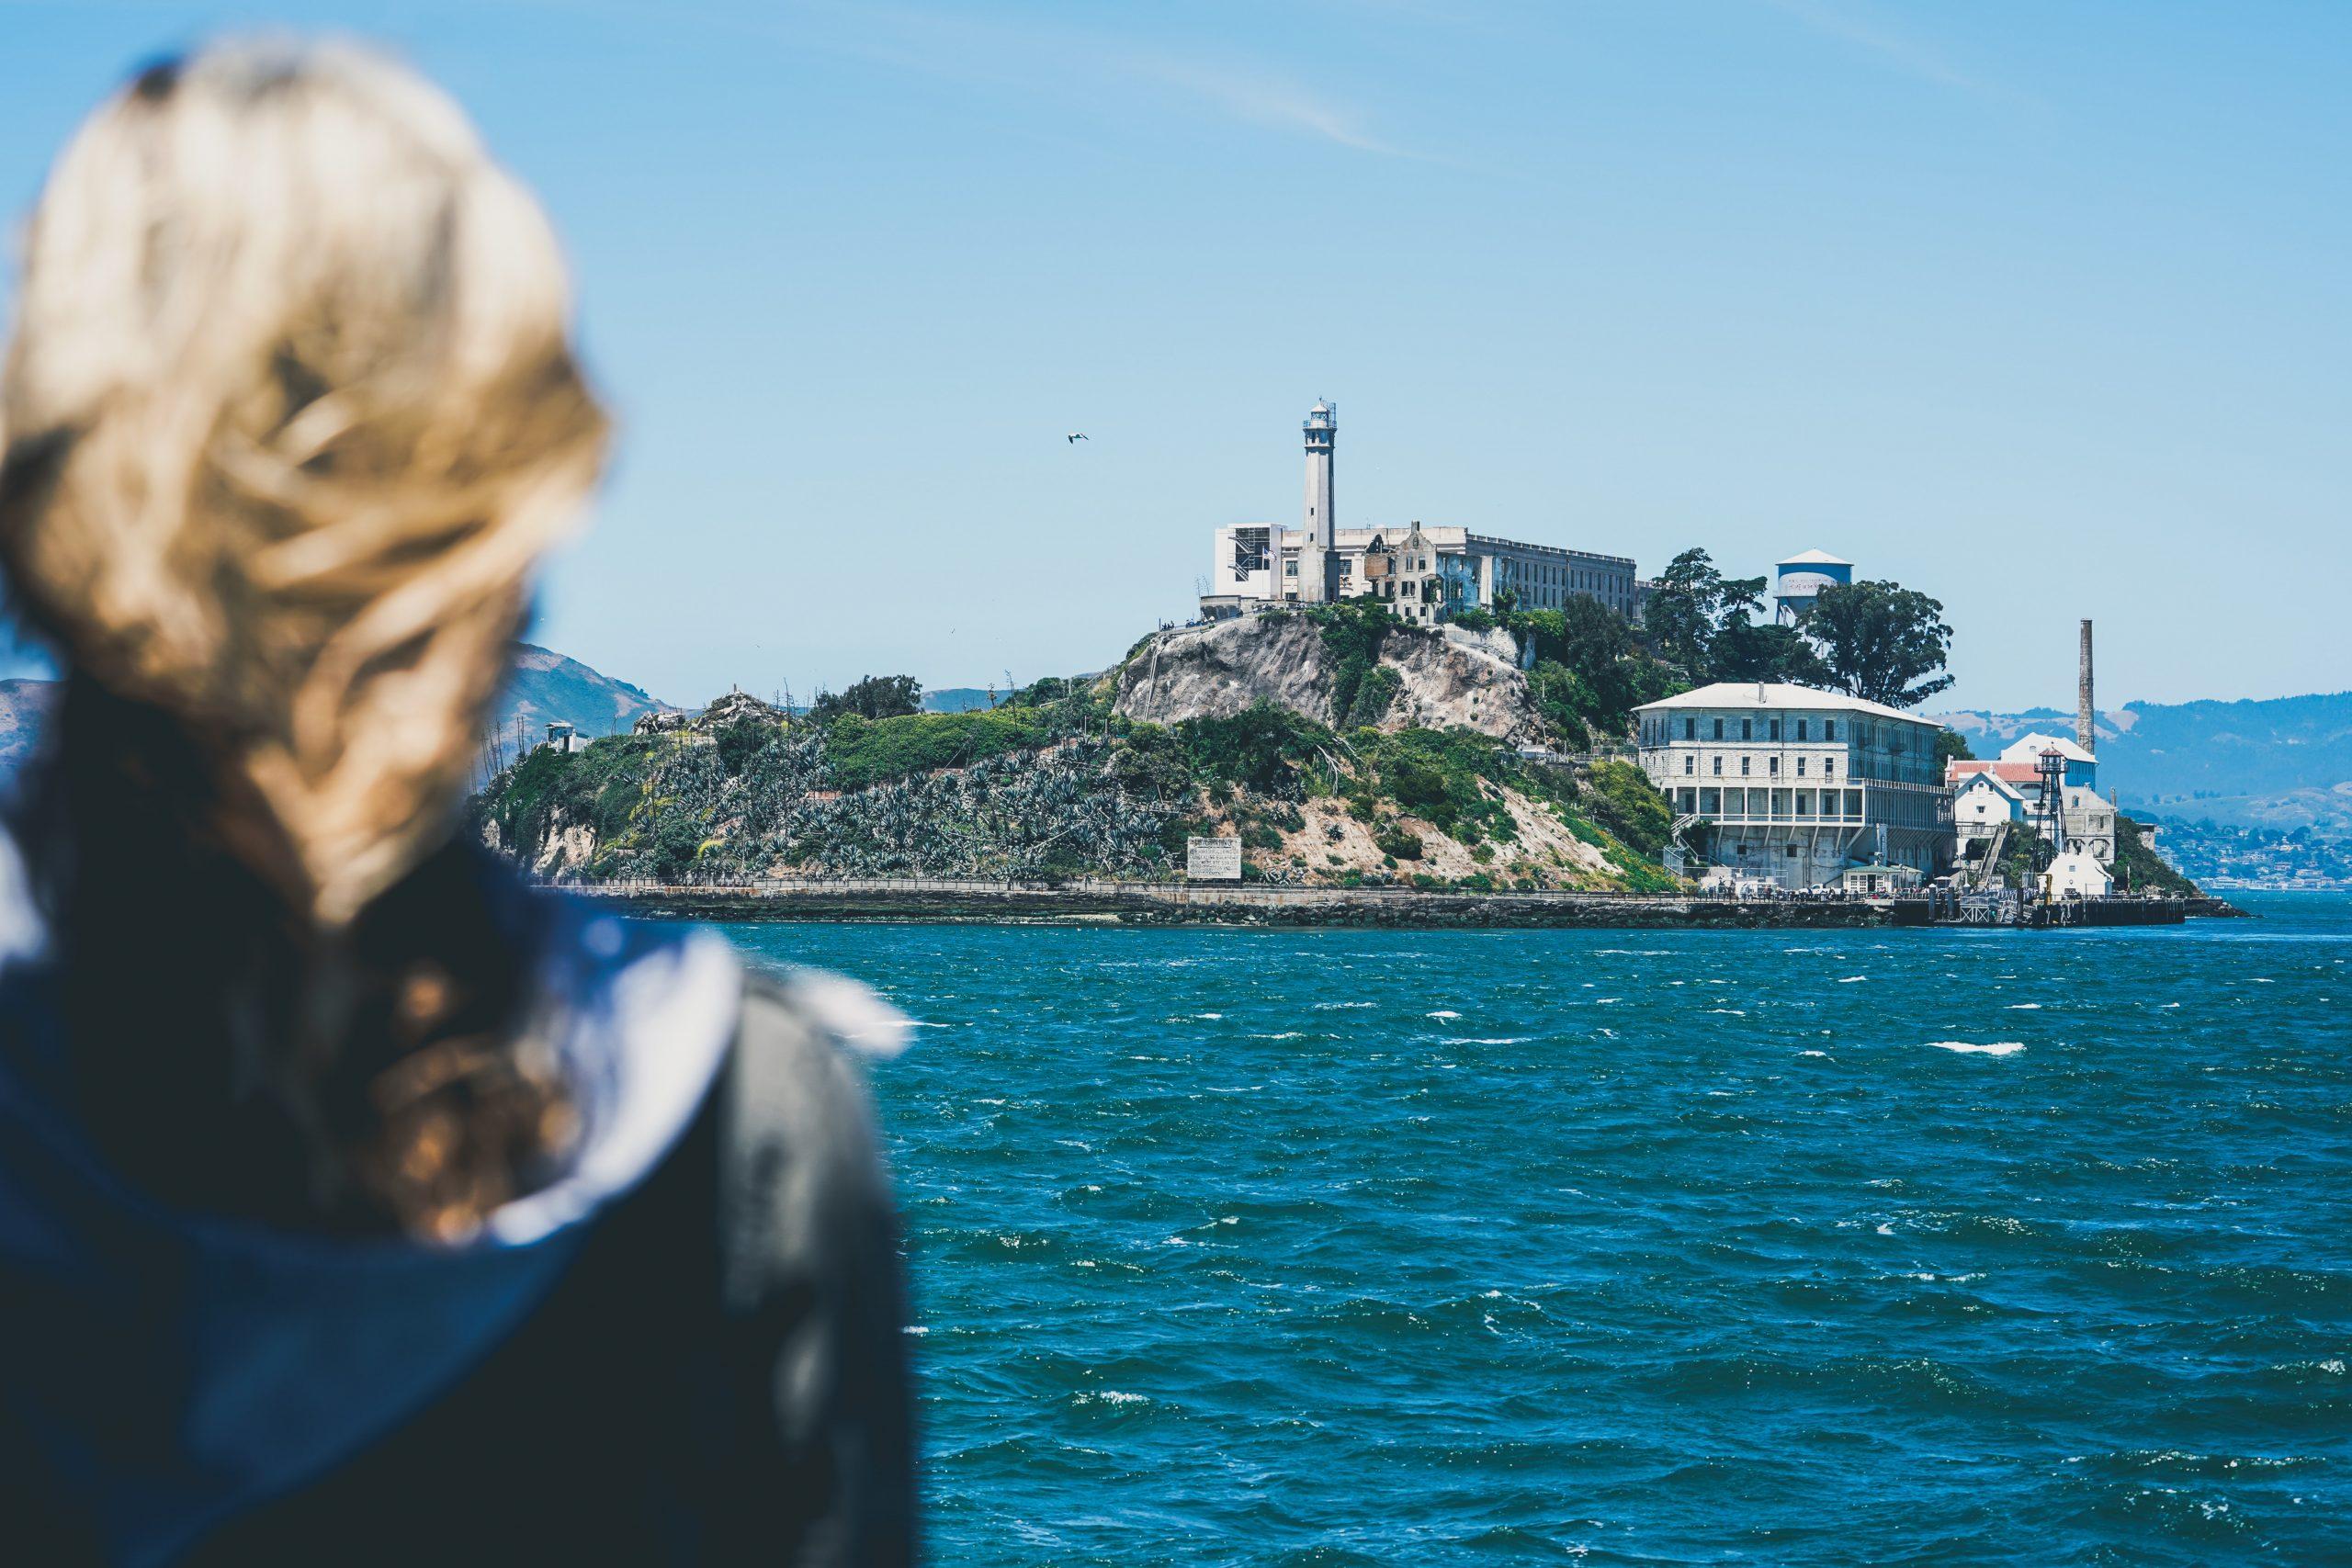 Visitamos a Prisão de Alcatraz! Confira como foi a experiência